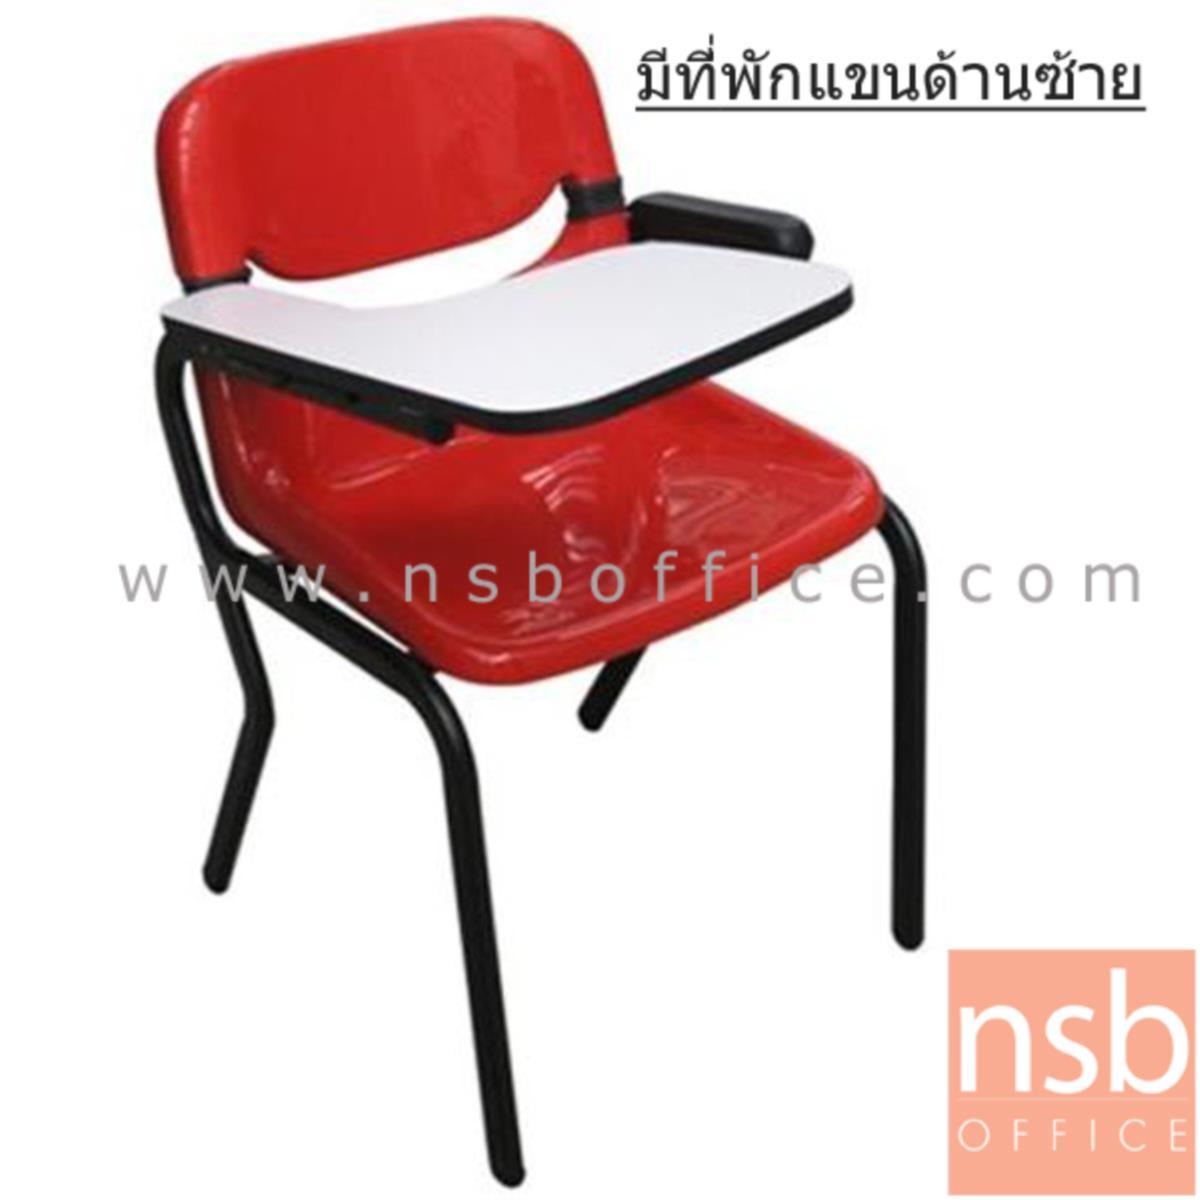 เก้าอี้เลคเชอร์เฟรมโพลี่ รุ่น Darnetta (ดาเนตต้า) ขาเหล็กท่อแป๊บไข่